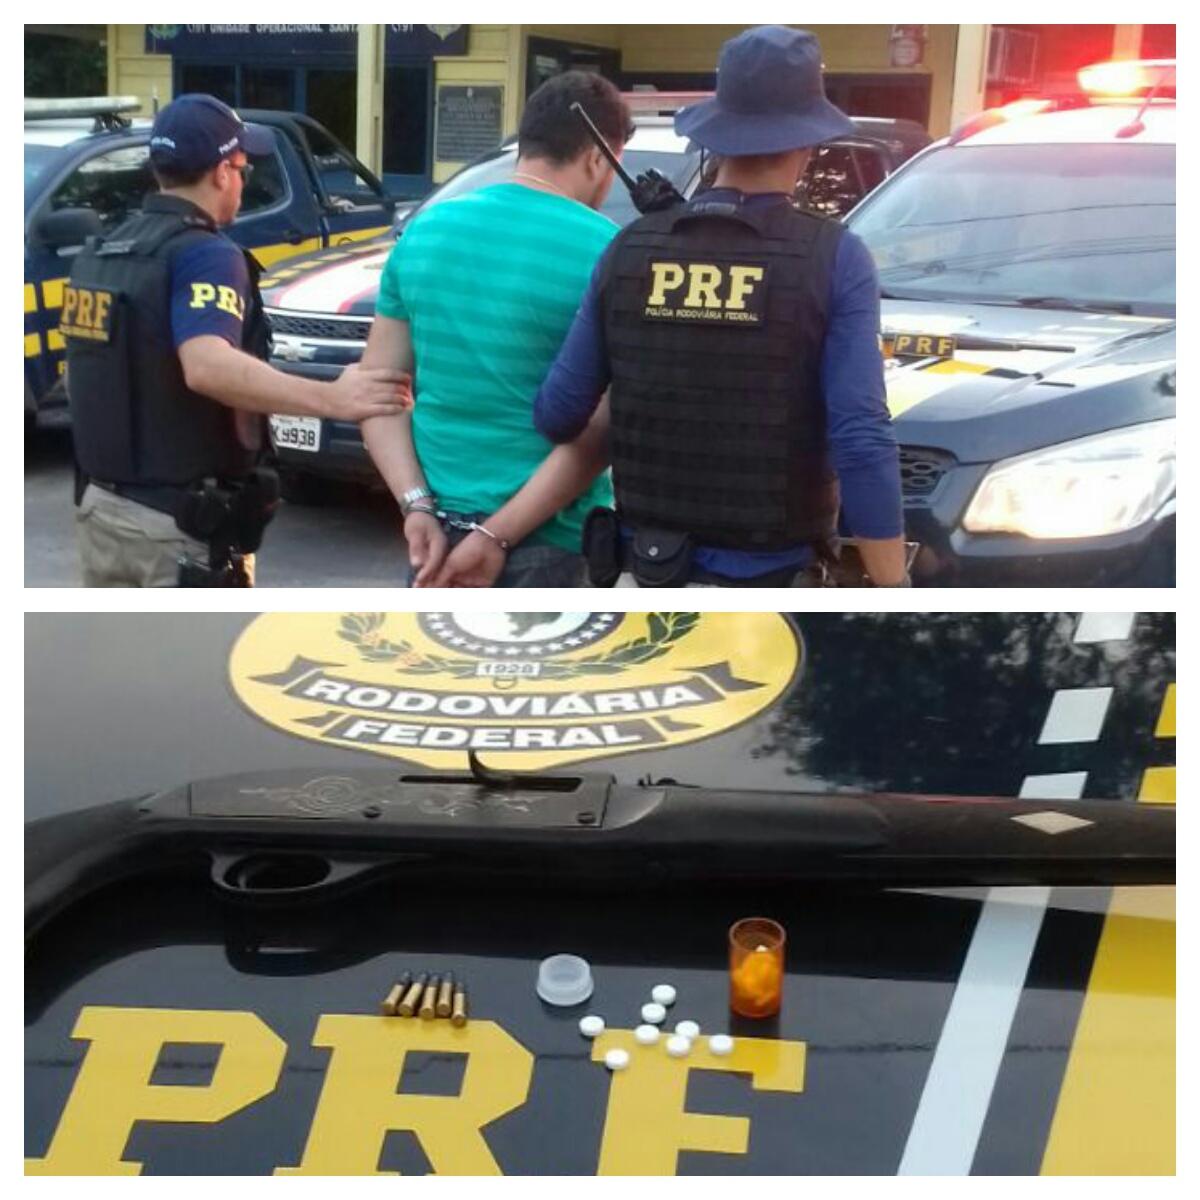 Blog do xarope prf prende homem em pajero tr4 com arma de for Interior y policia consulta de arma